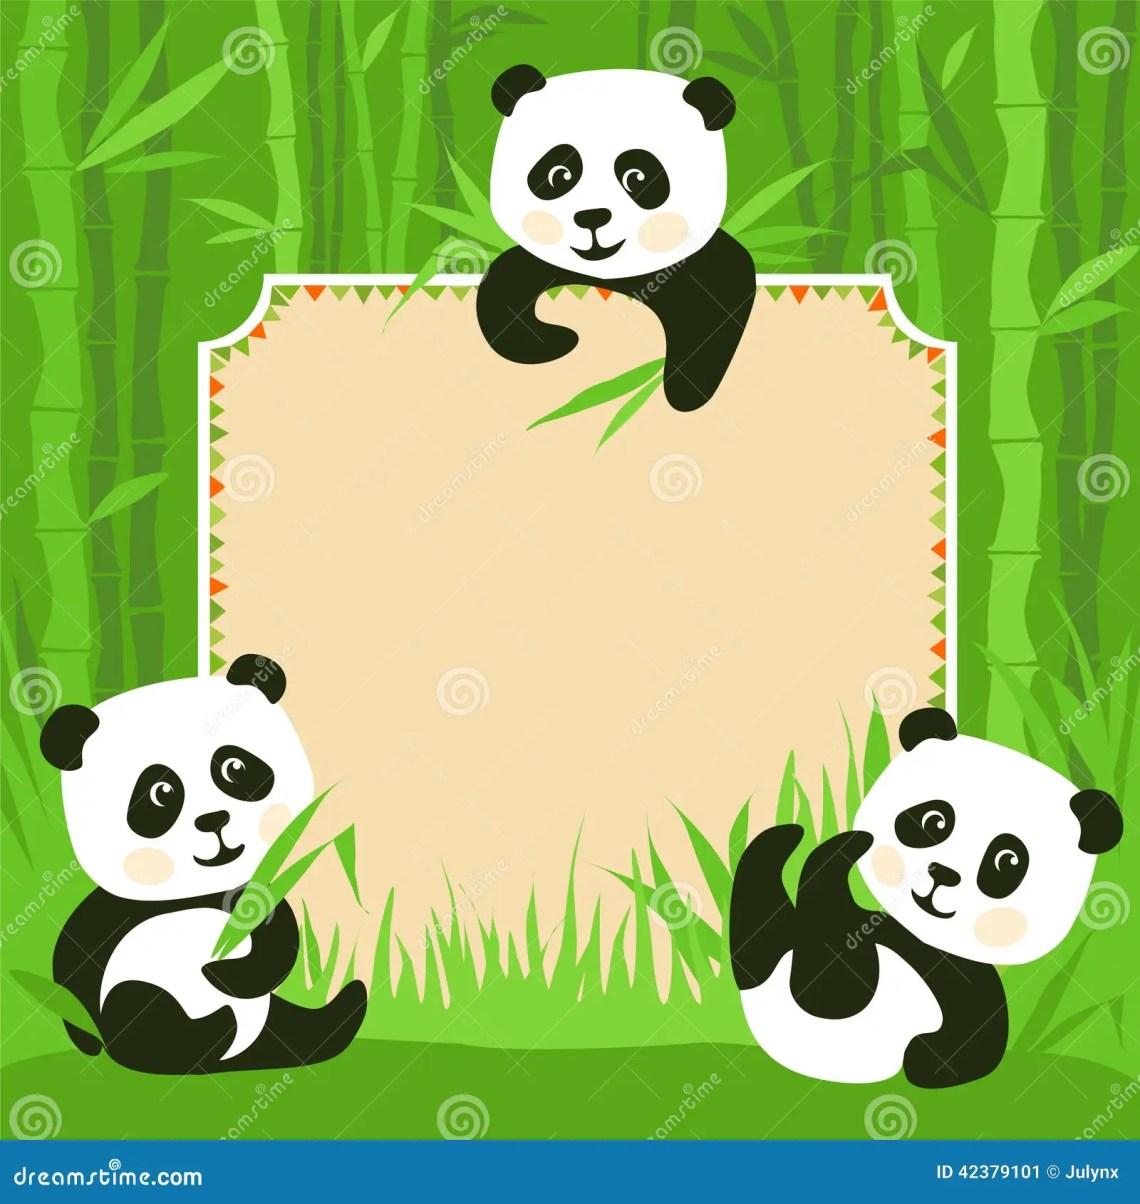 Image Result For Panda Garden